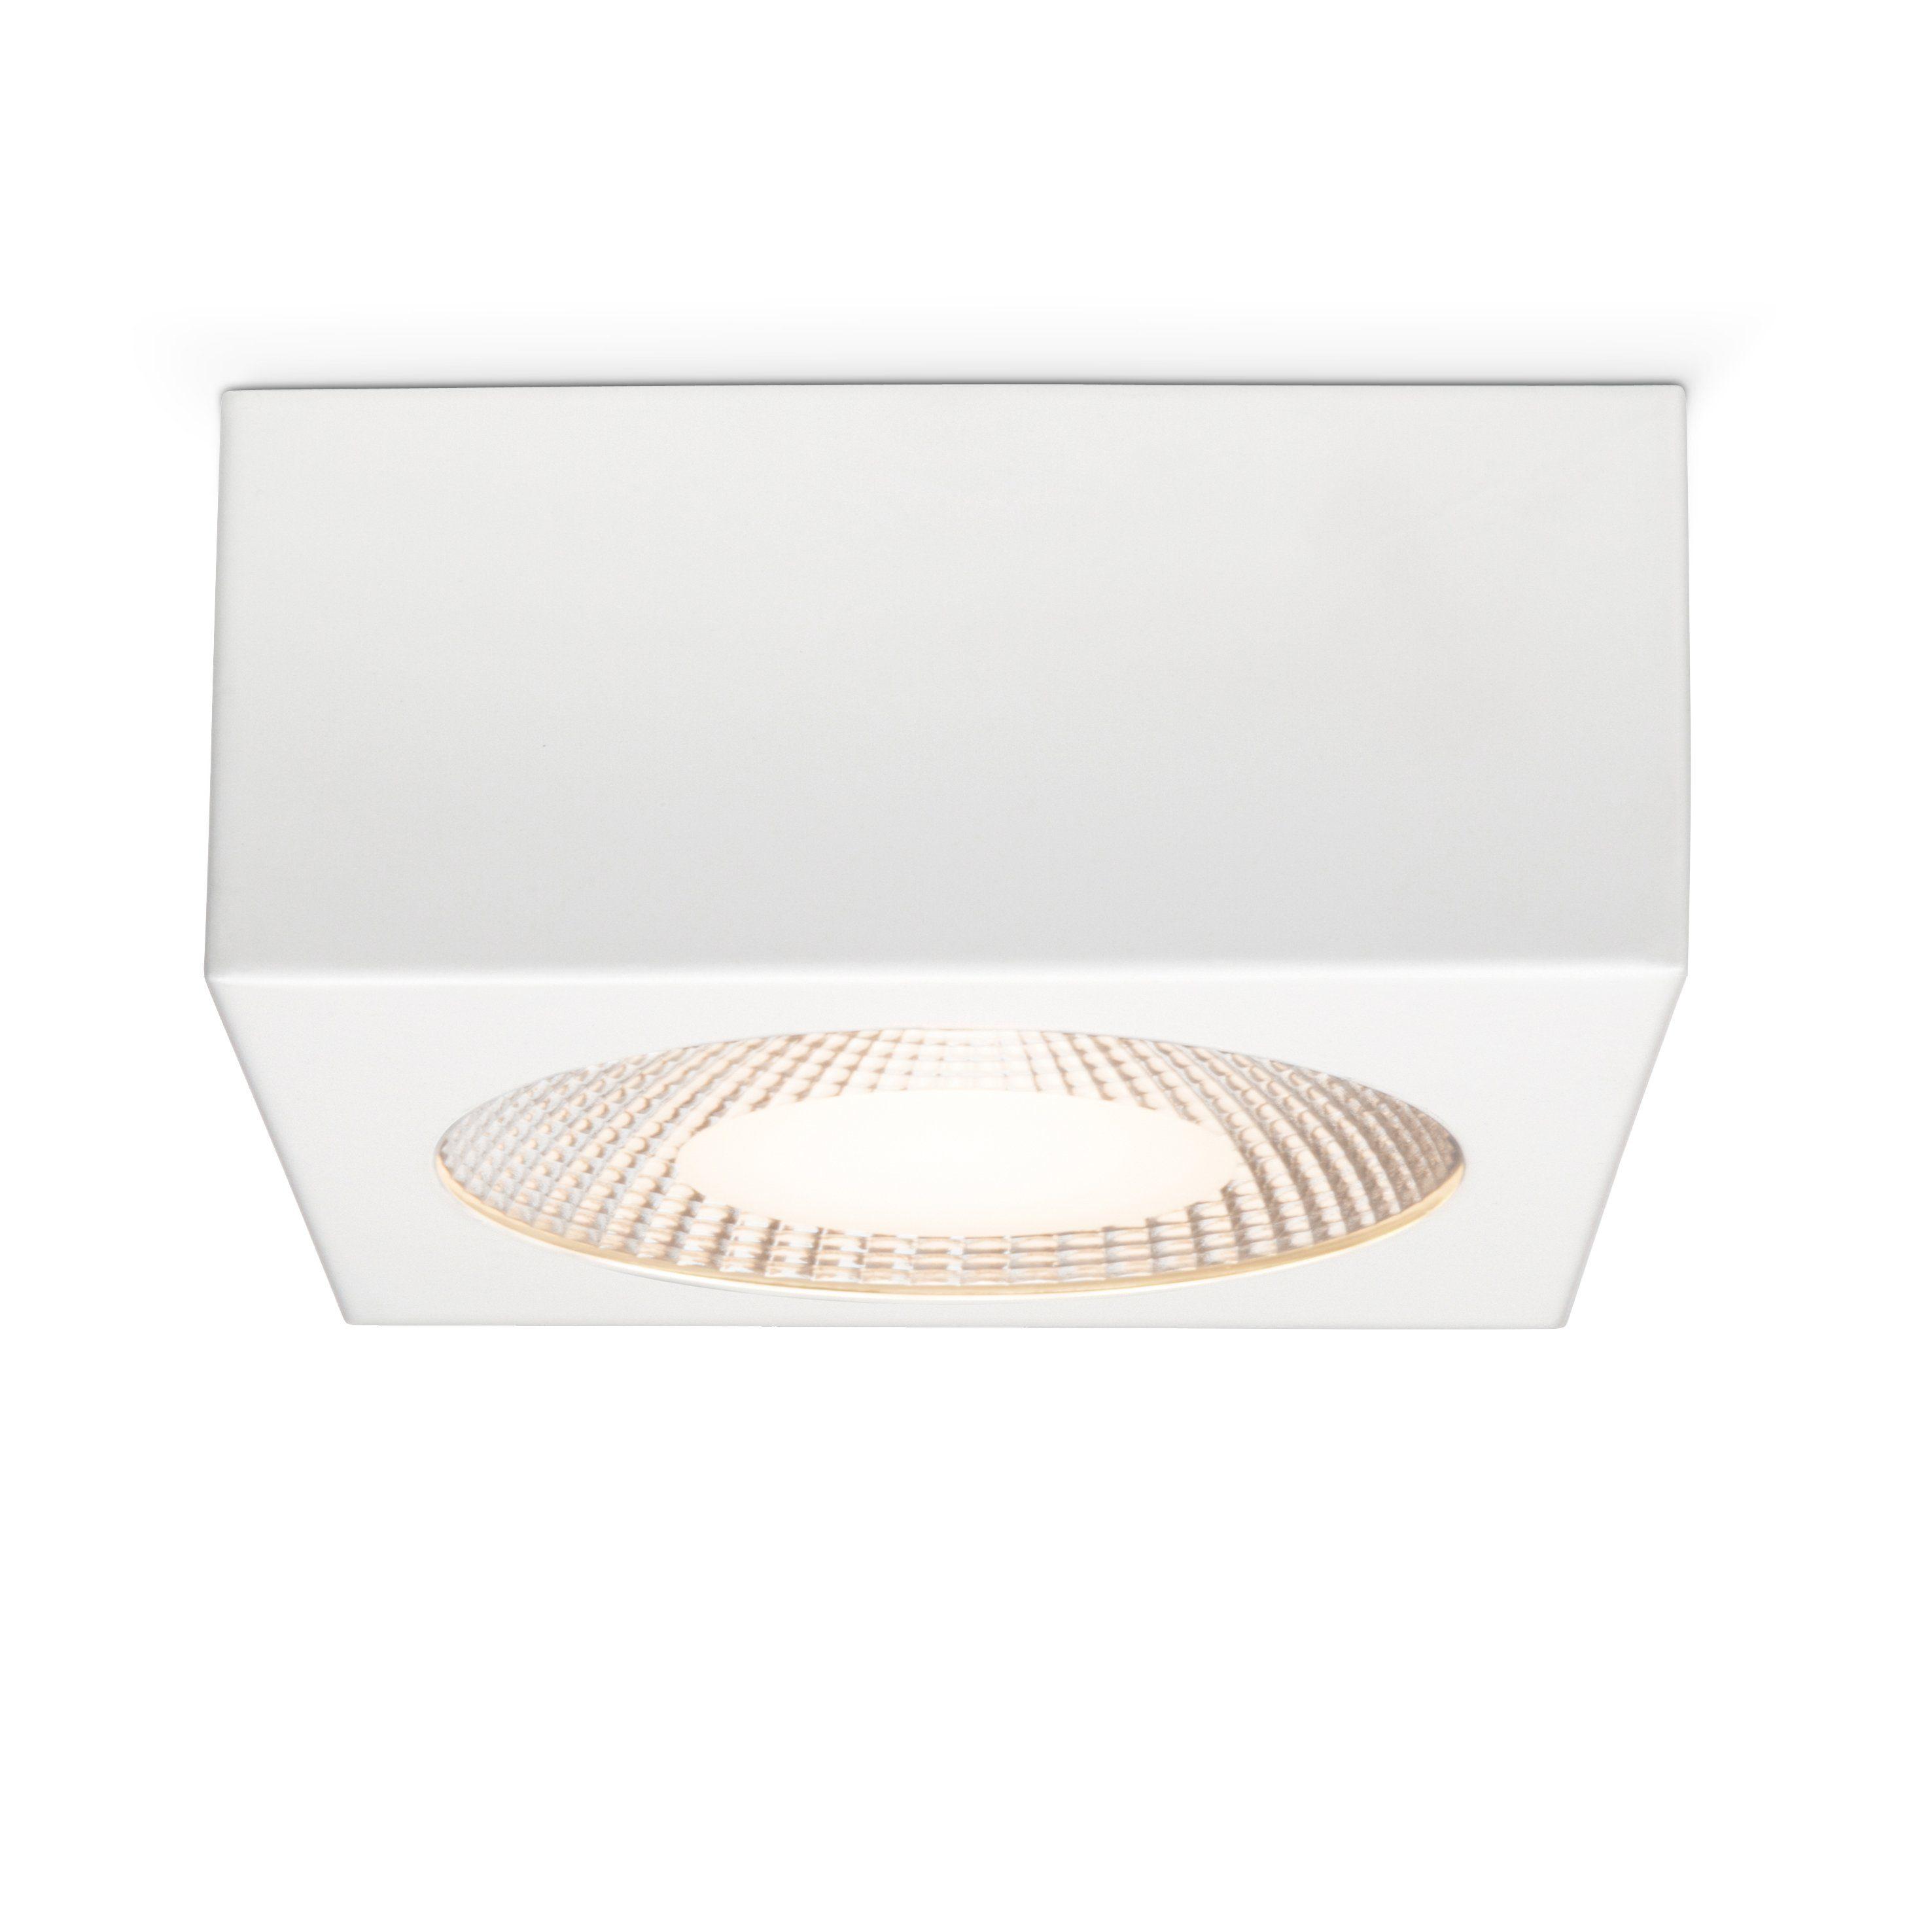 Brilliant Leuchten Babett LED Aufbauleuchte 10W weiß